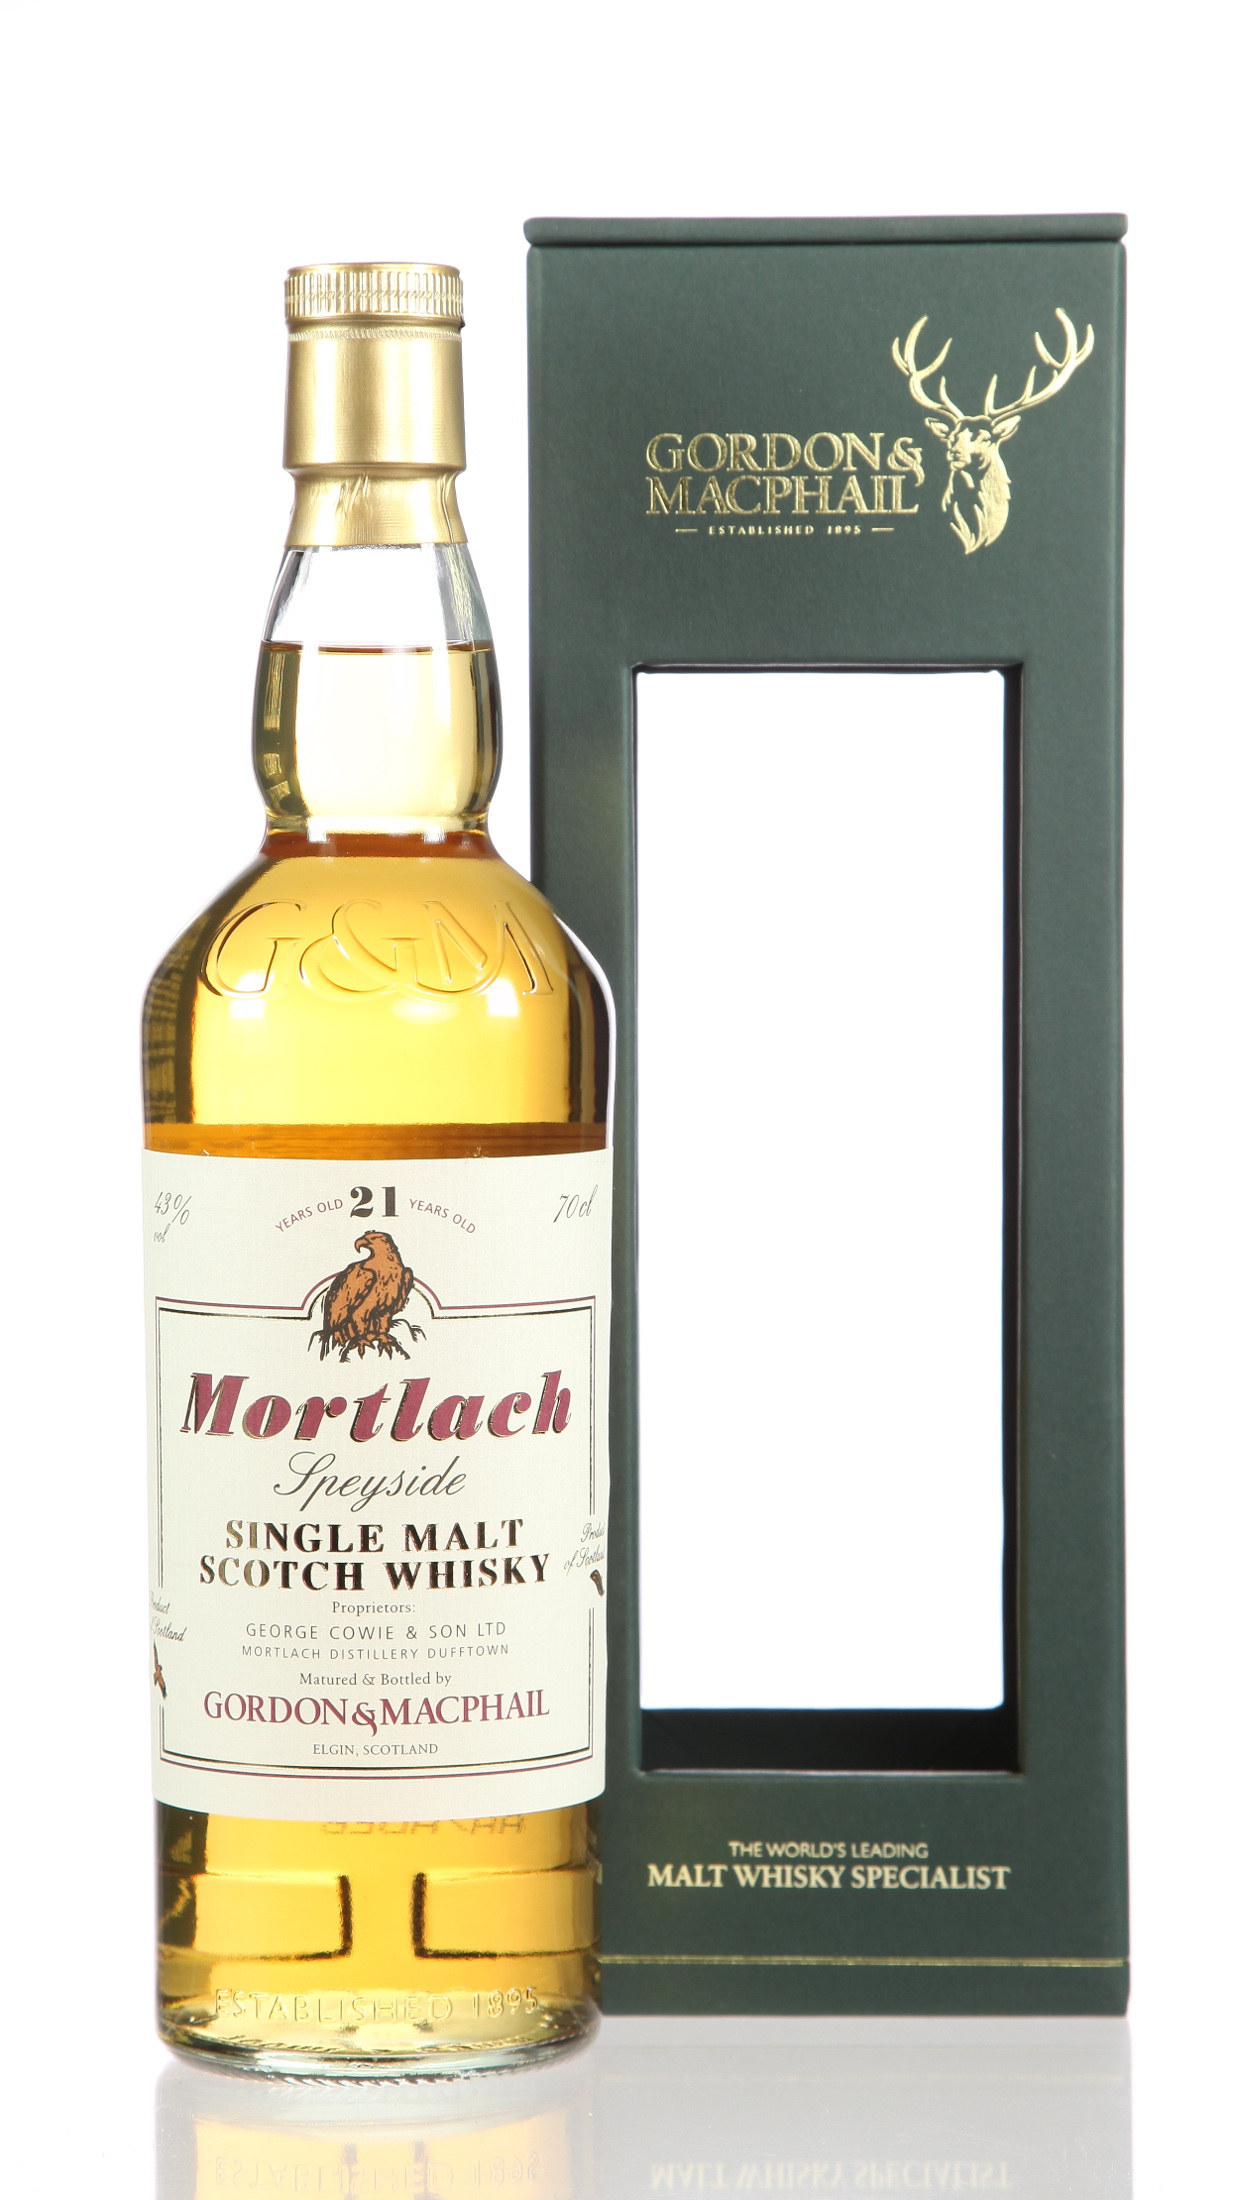 Mortlach